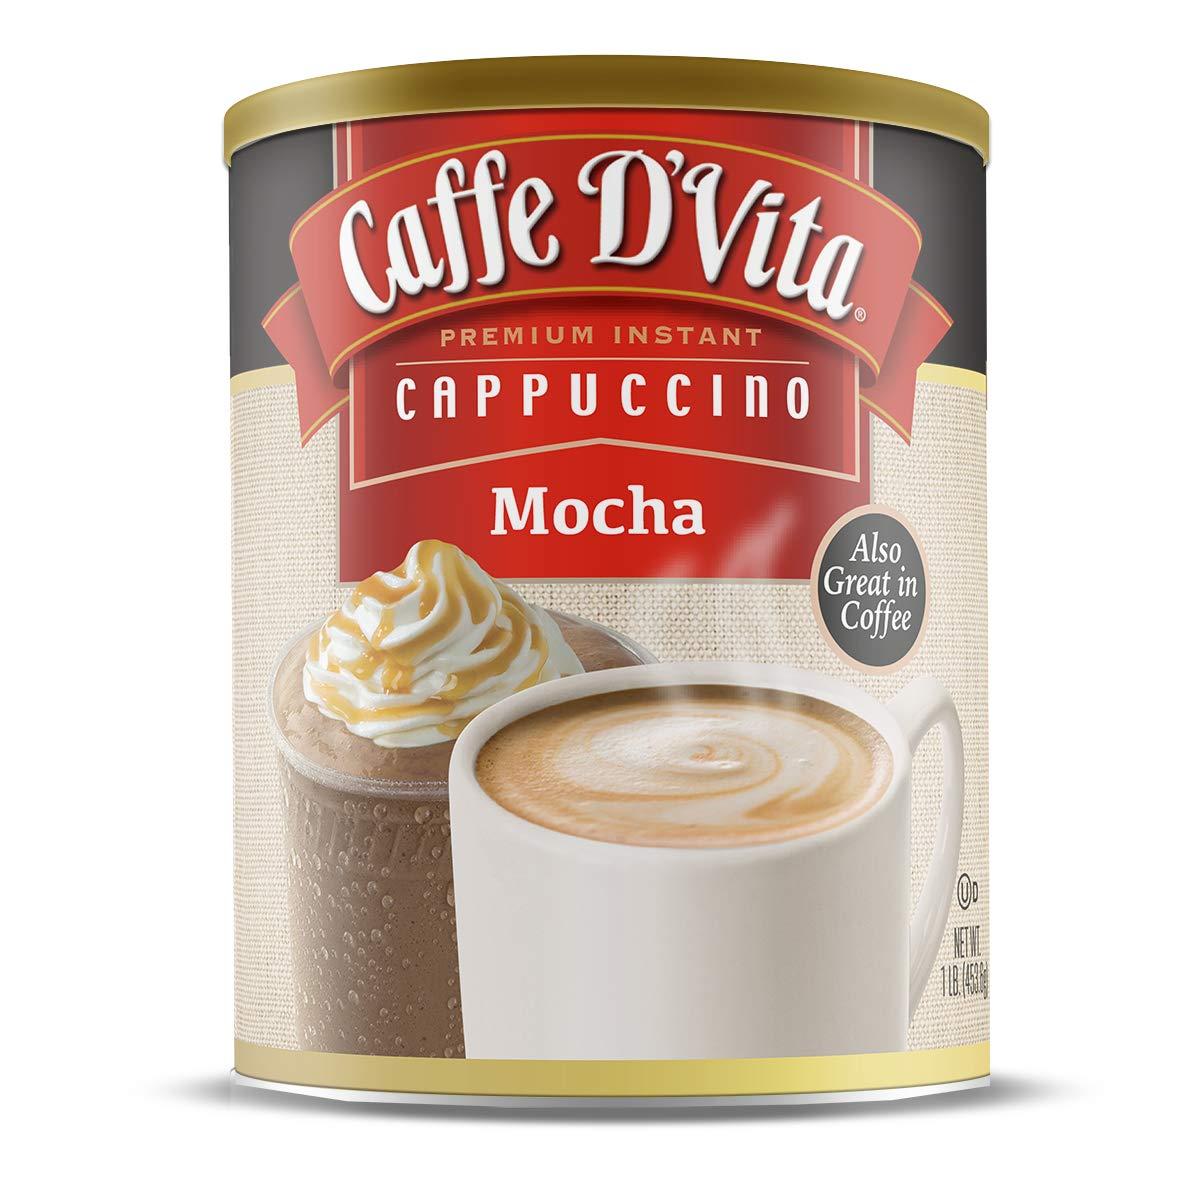 Caffe D'Vita Mocha Cappuccino, 6 Pack (16 oz)